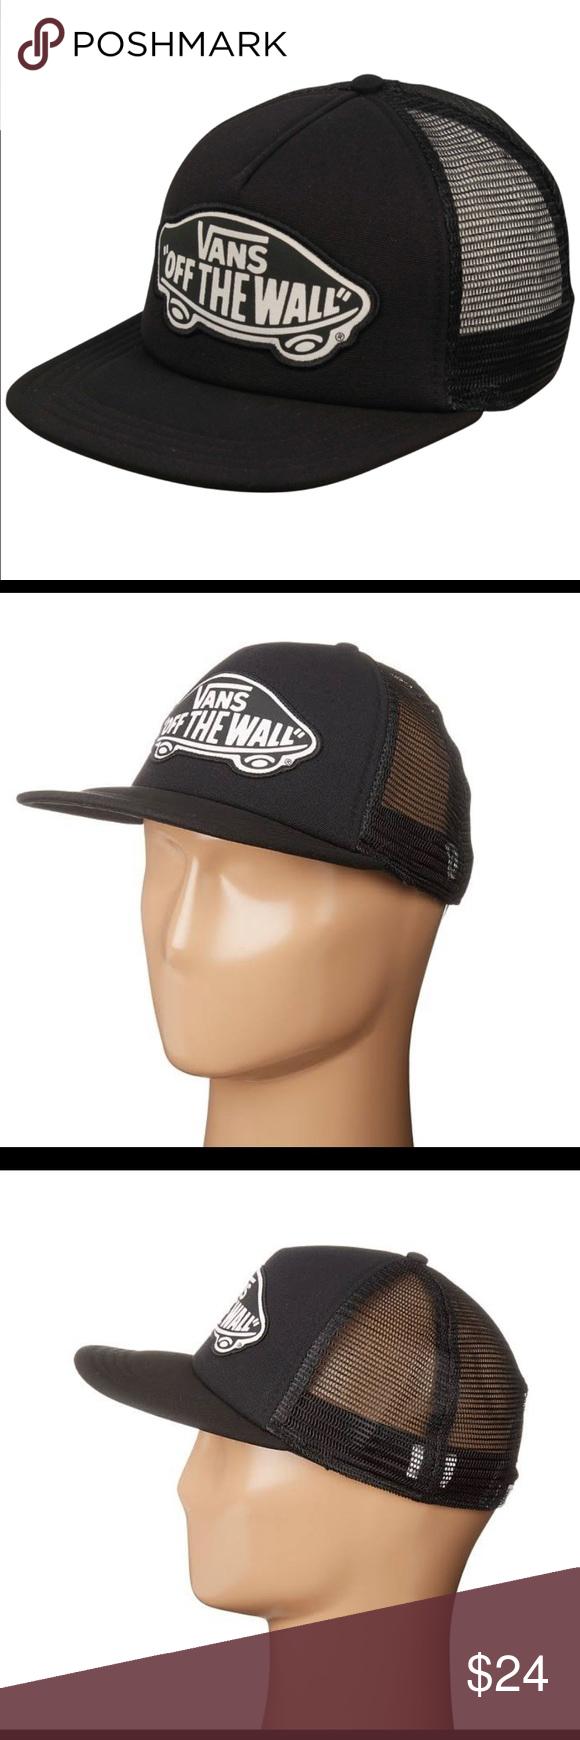 a4ea8efe510 Vans Beach Girl Women s Trucker Hat - Onyx   White The Beach Girl Women s  trucker hat